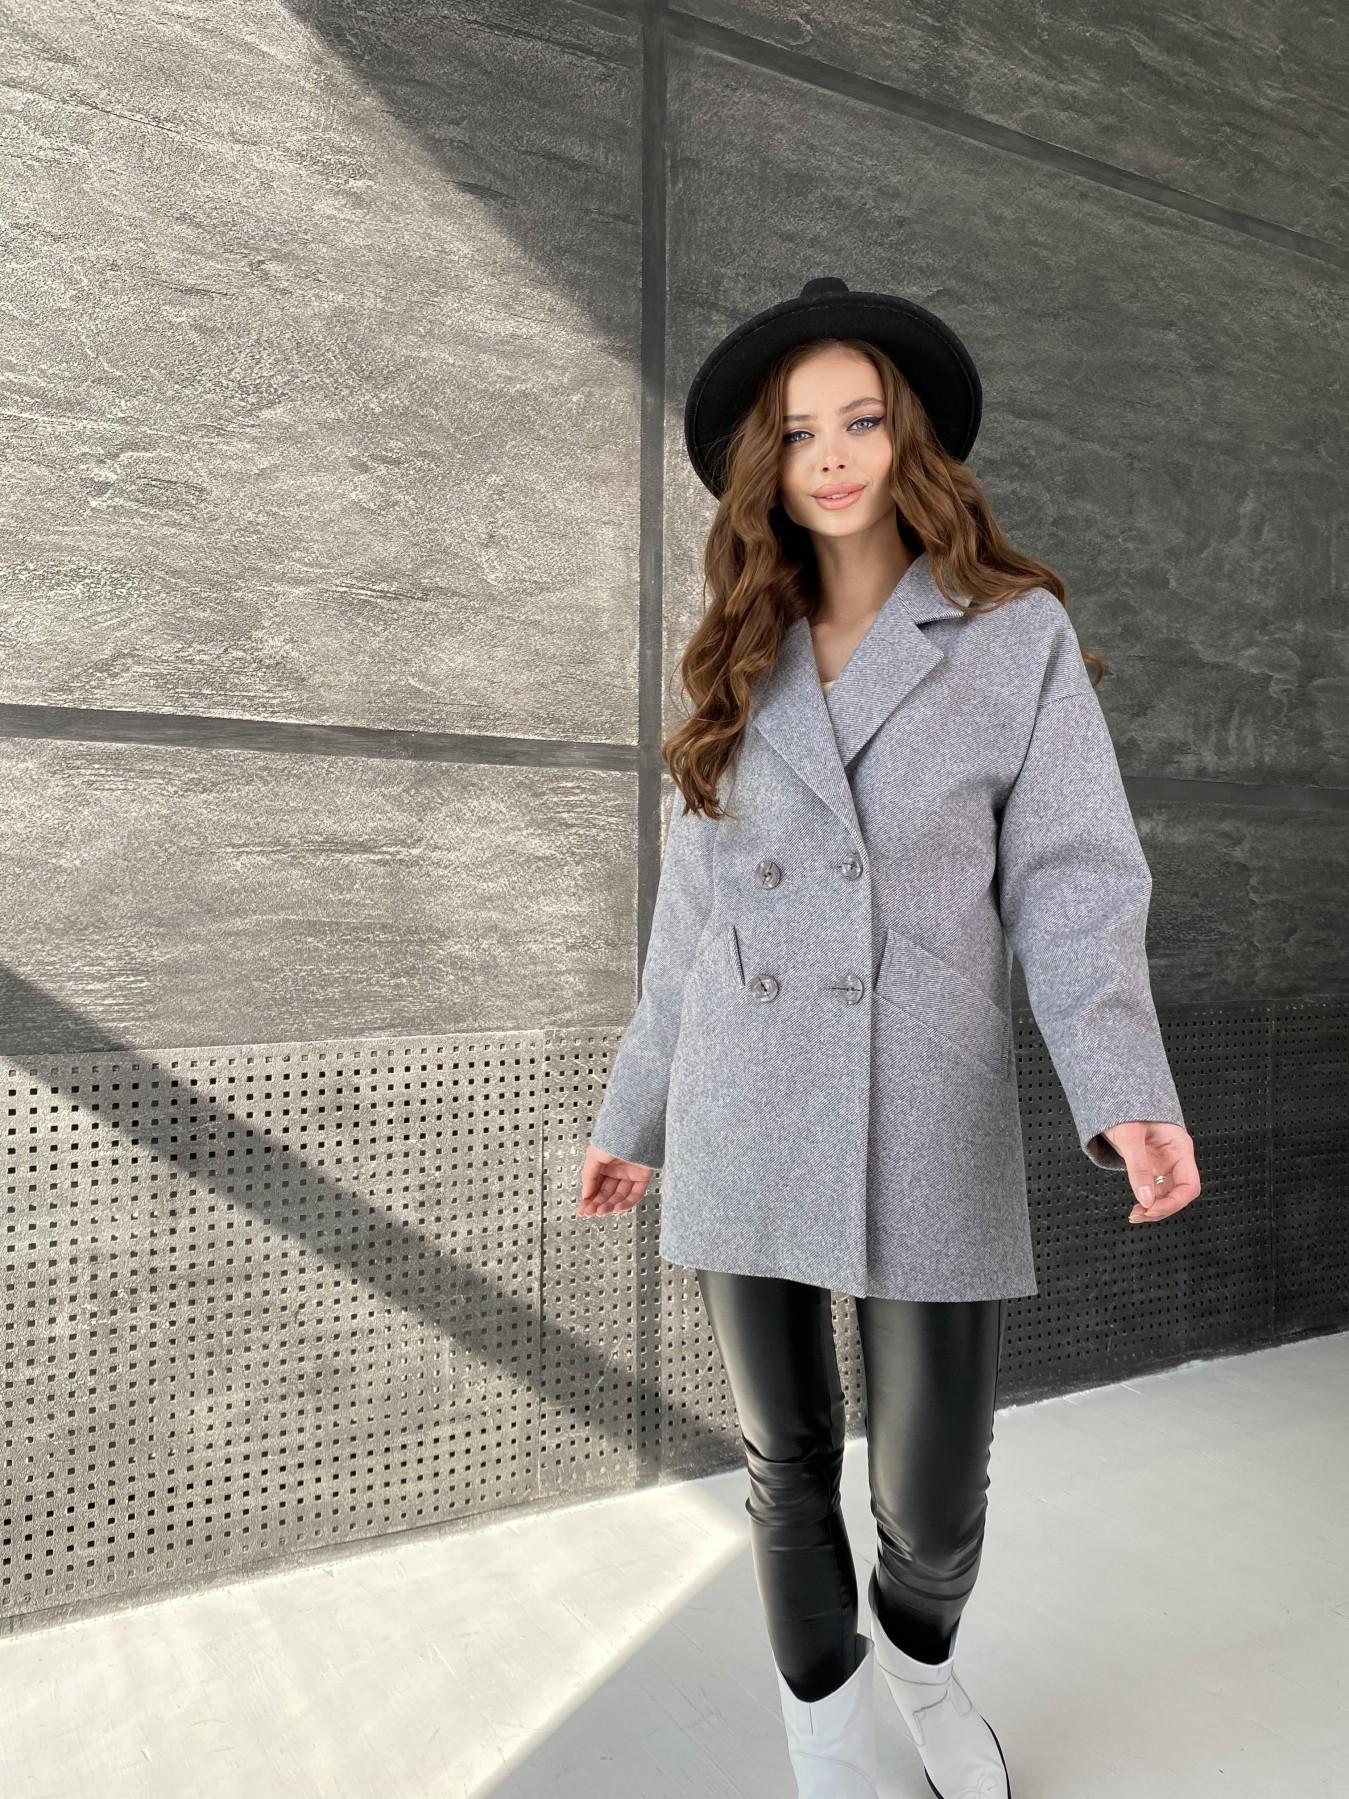 Демисезонное пальто от производителя Modus Бонд Диагональ пальто из пальтовой ткани  10757